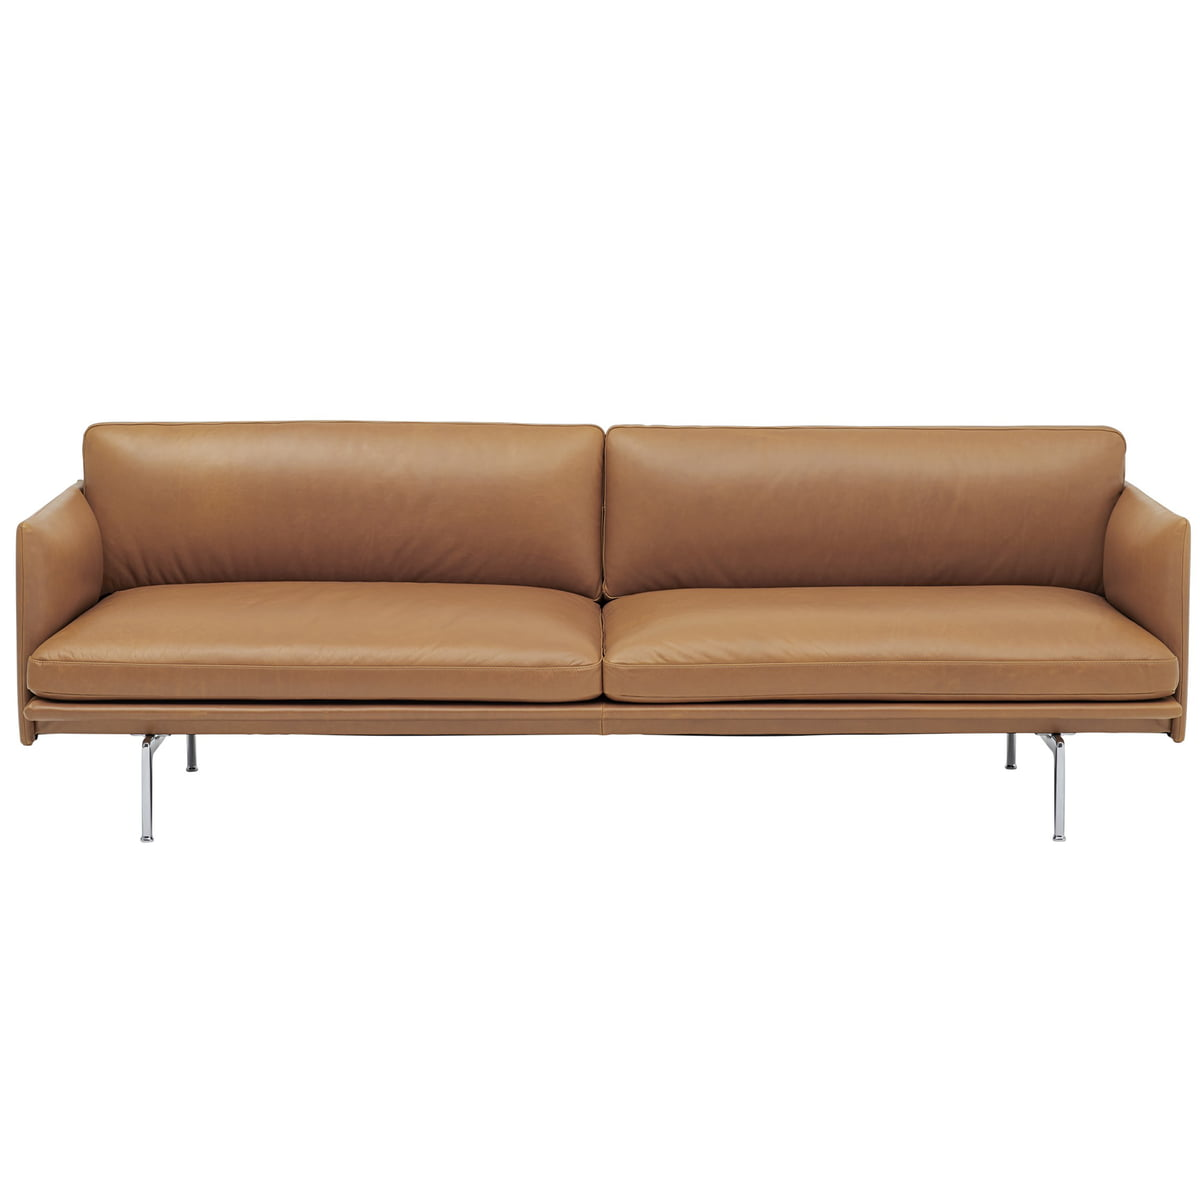 Full Size of Outline Sofa 3 Sitzer Von Muuto Connox Ohne Lehne Bora Lagerverkauf Teilig Karup Xxxl 3er Grau Goodlife Natura Big Mit Hocker Schlaffunktion Leinen Ligne Roset Sofa 3er Sofa